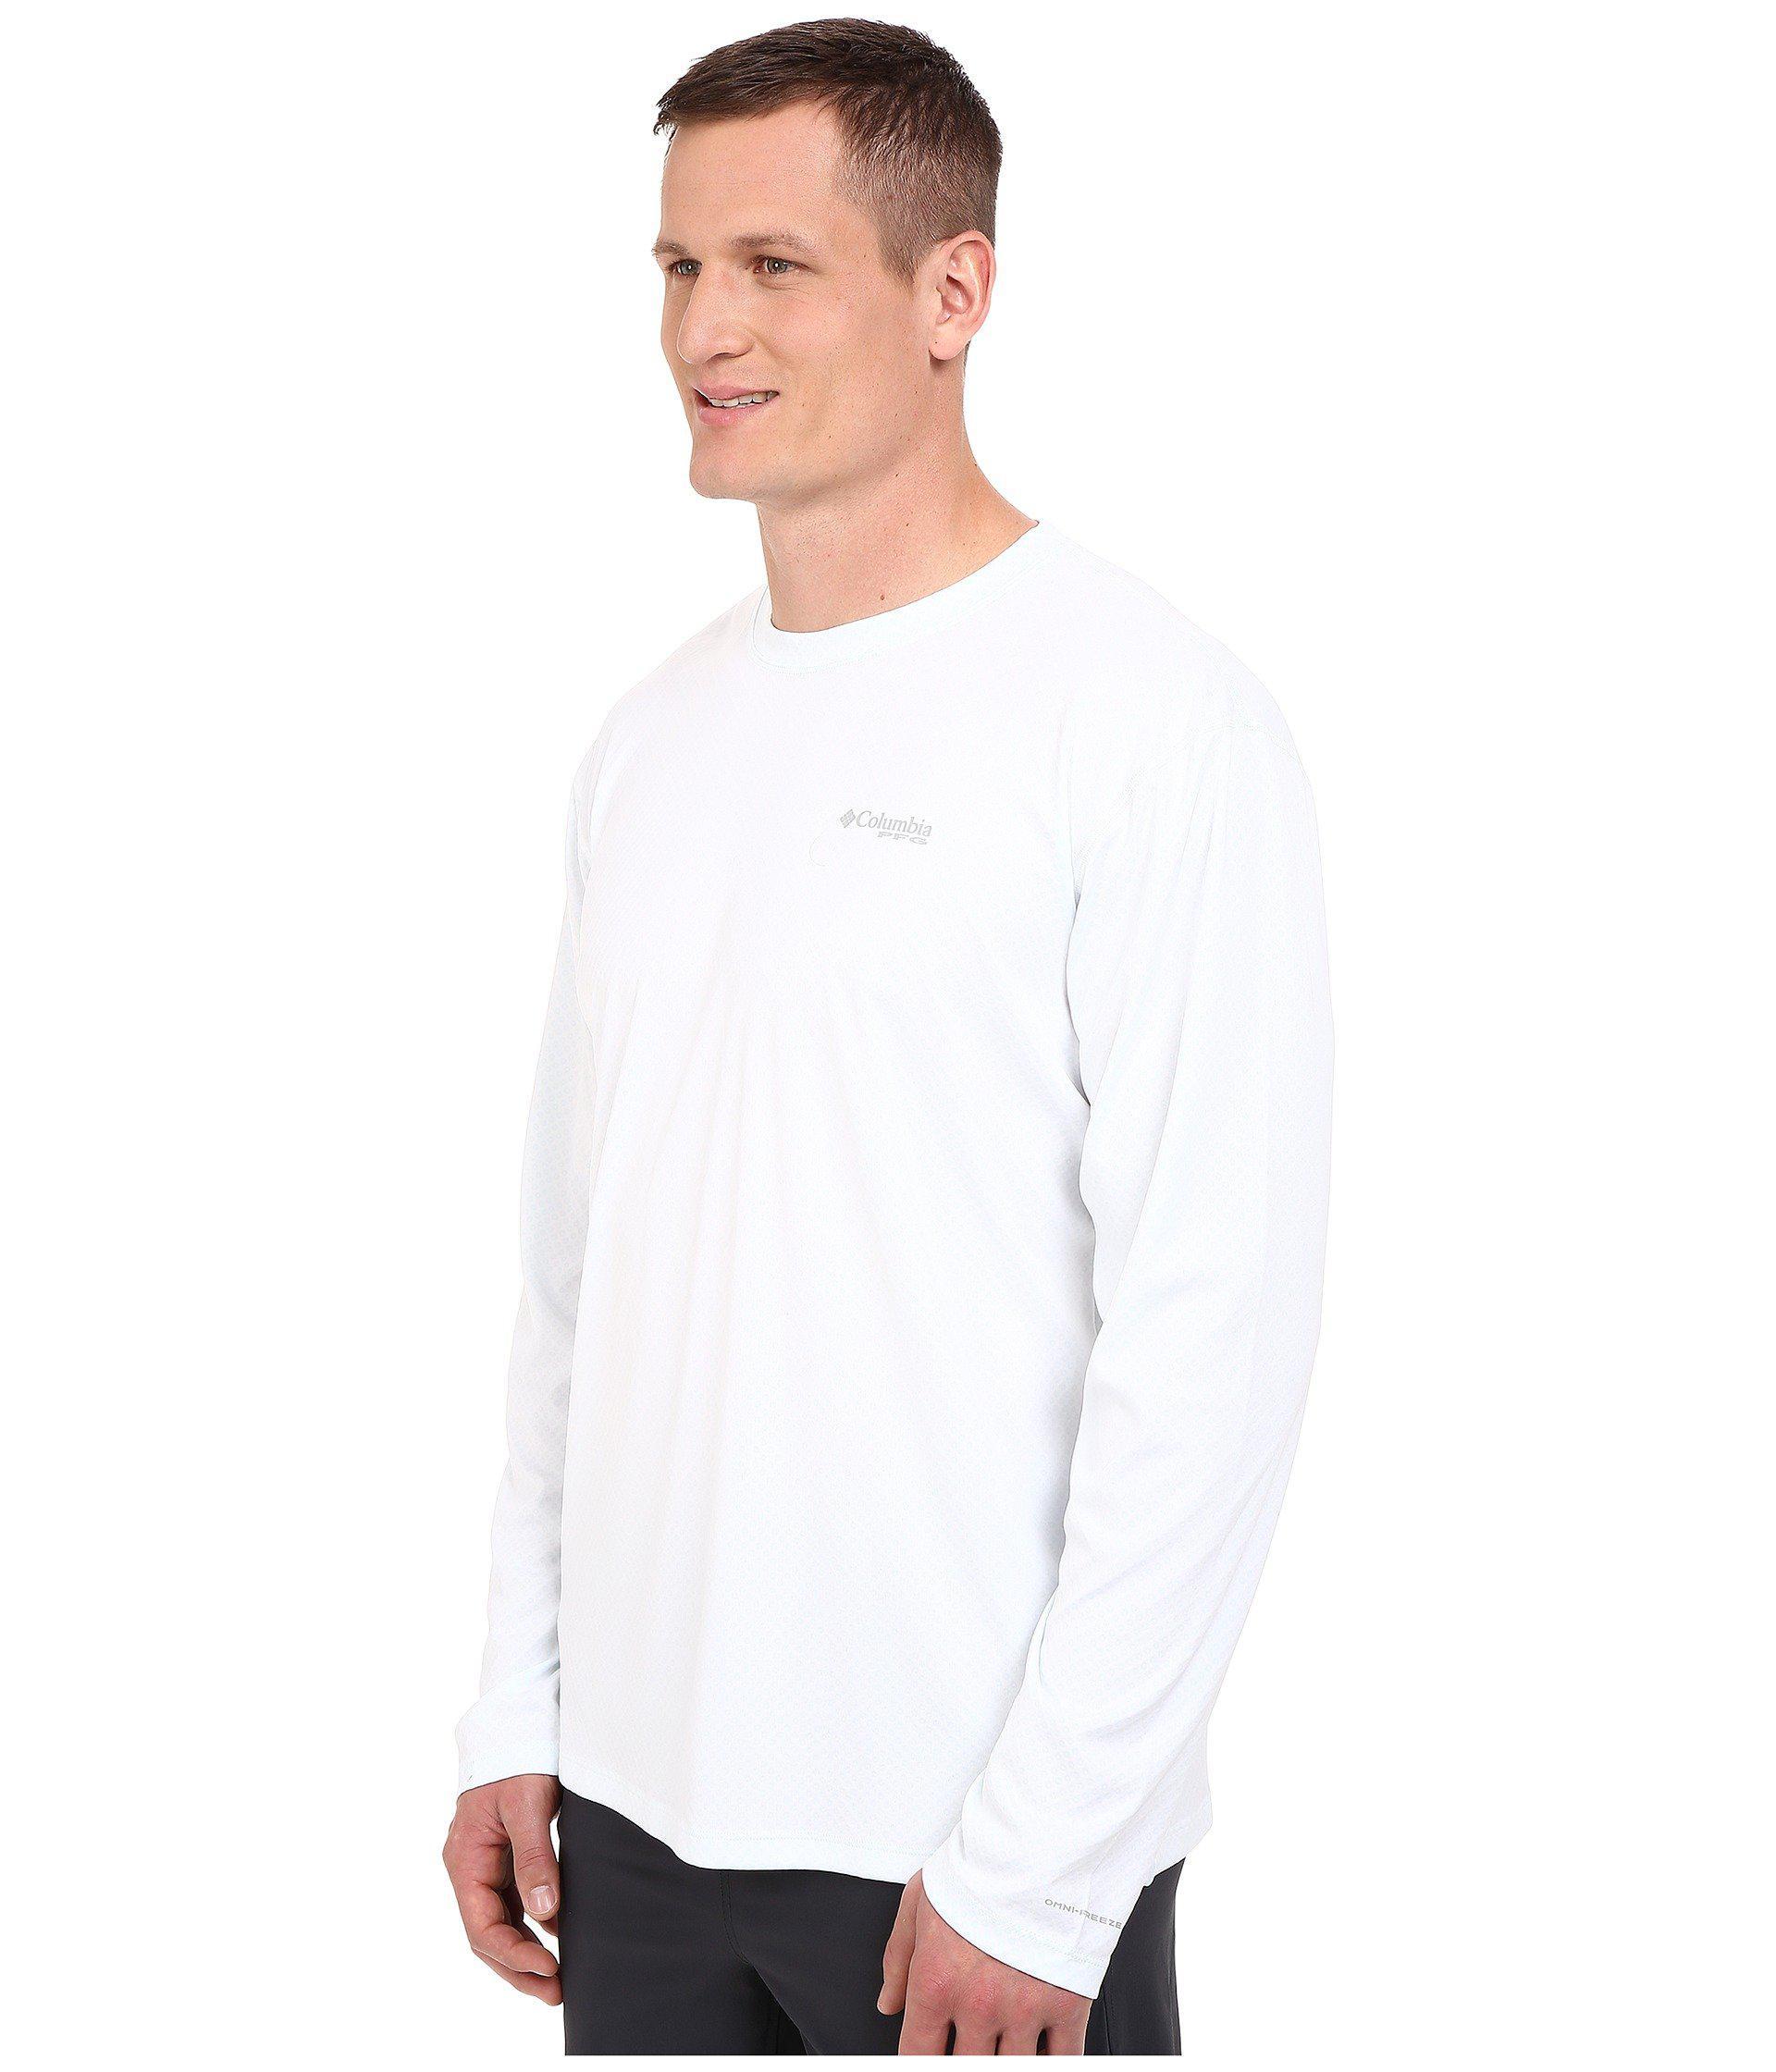 d880dd163b6 Lyst - Columbia Pfg Zero Rulestm L/s Shirt - Big (white) Men's Long Sleeve  Pullover in White for Men